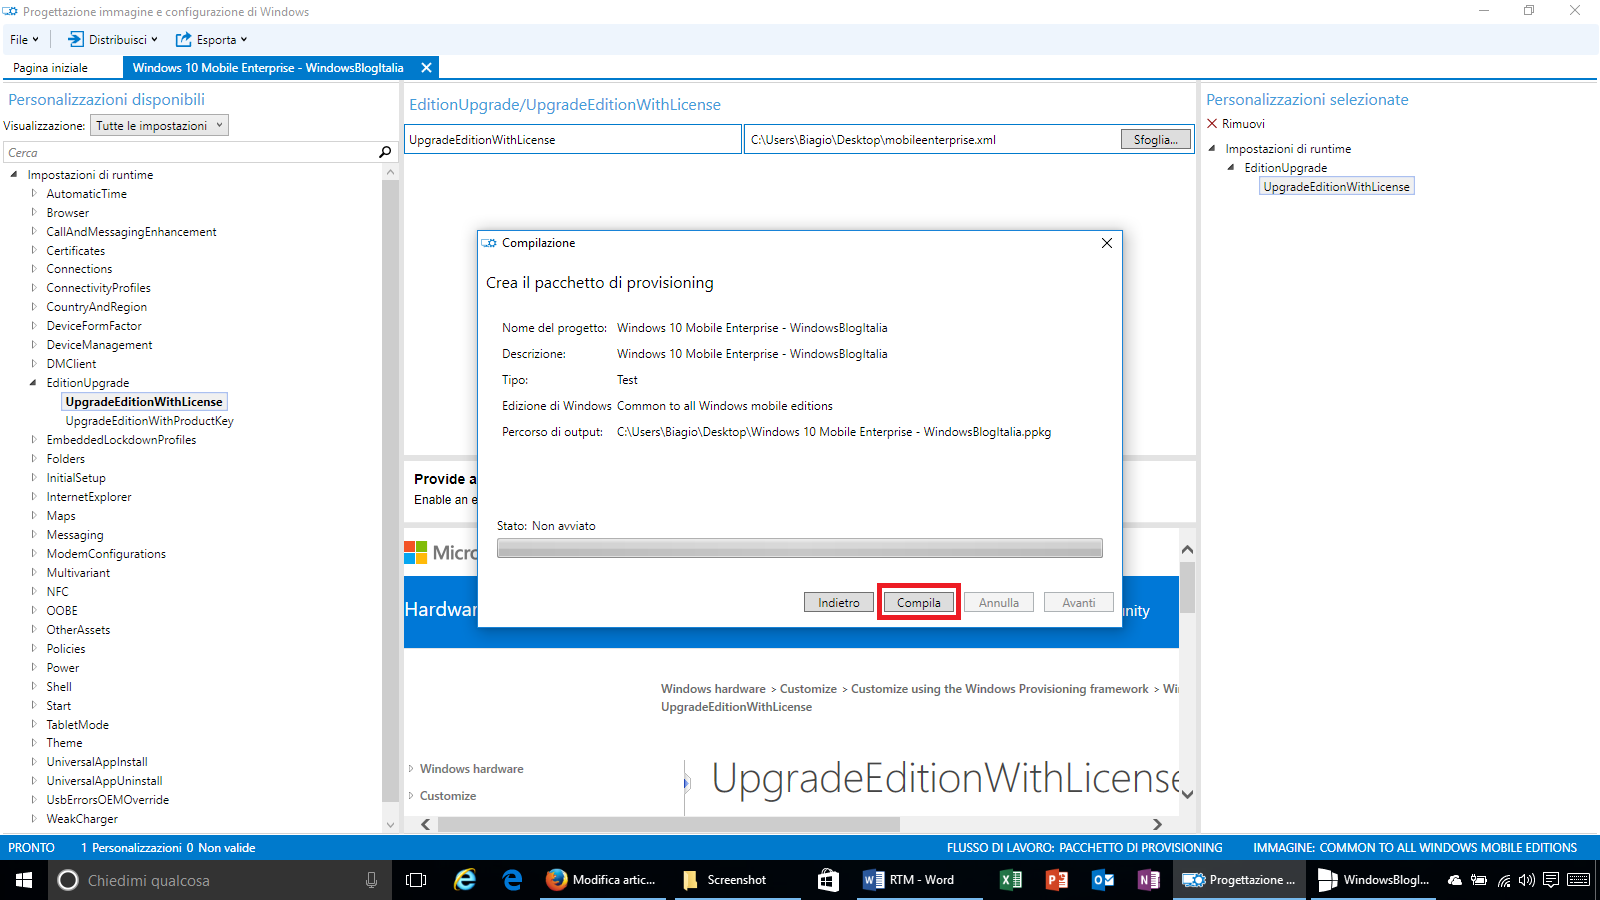 Come installare windows 10 mobile enterprise for Programma progettazione